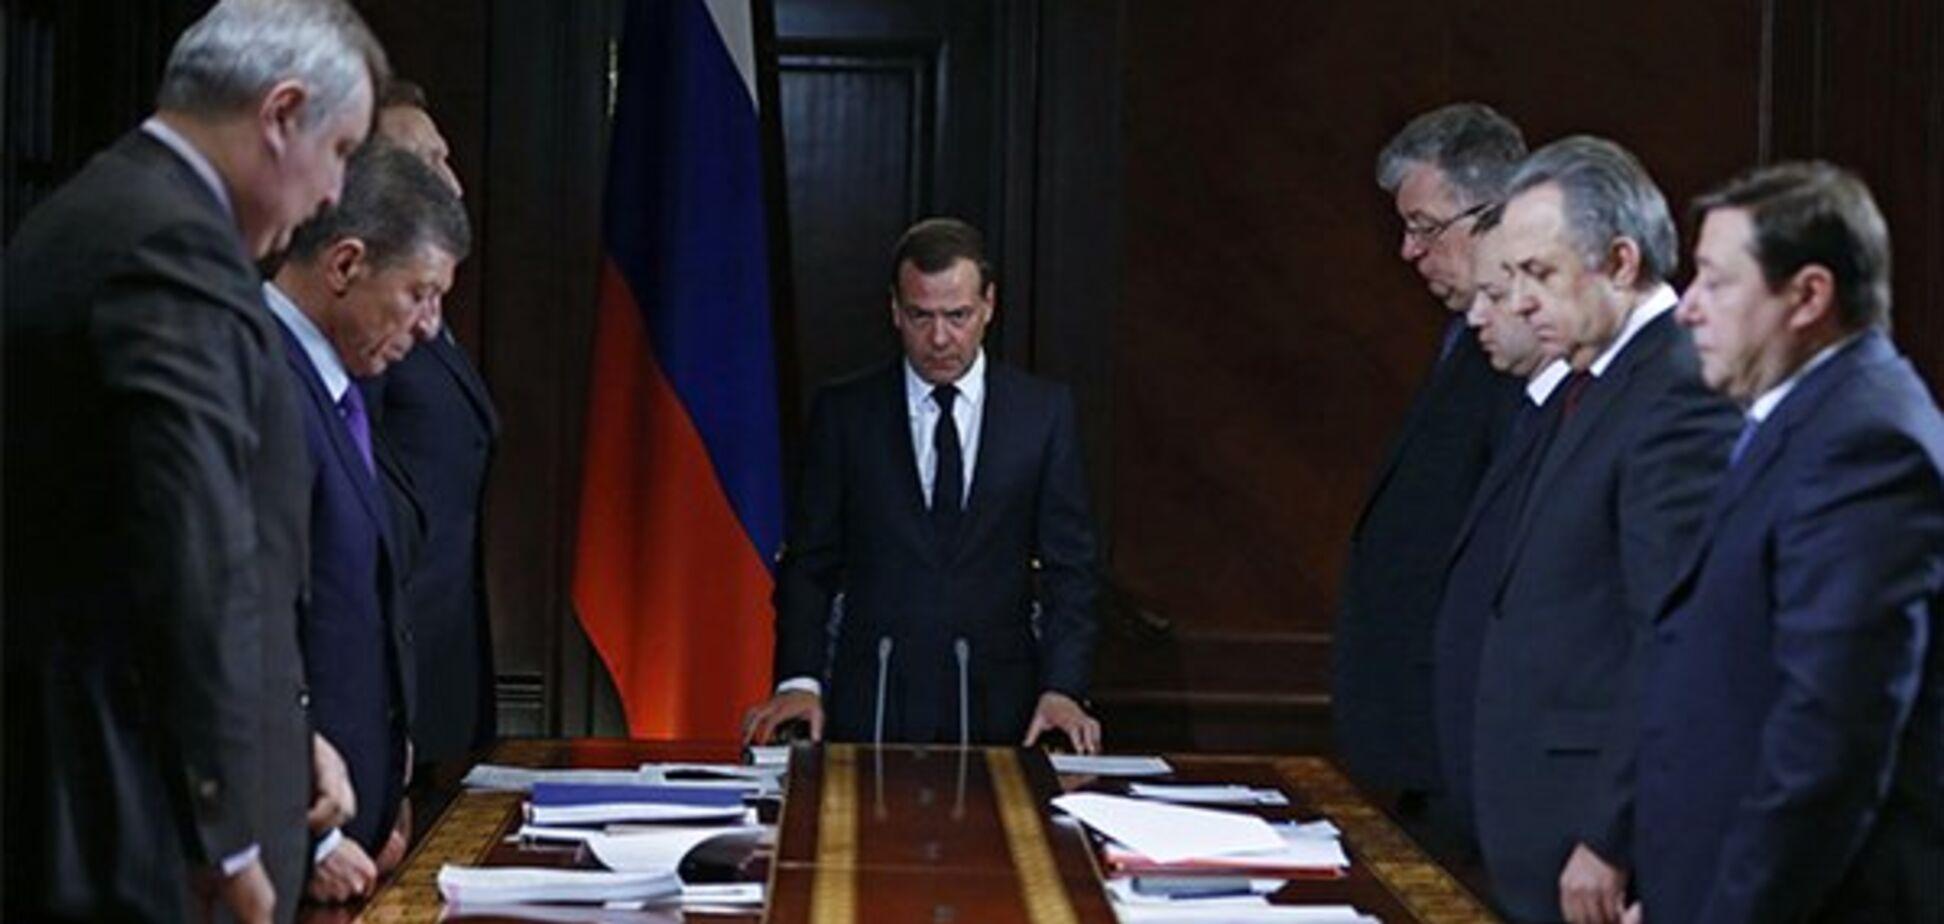 Россияне имеют законное право на 'свержение правительства'?